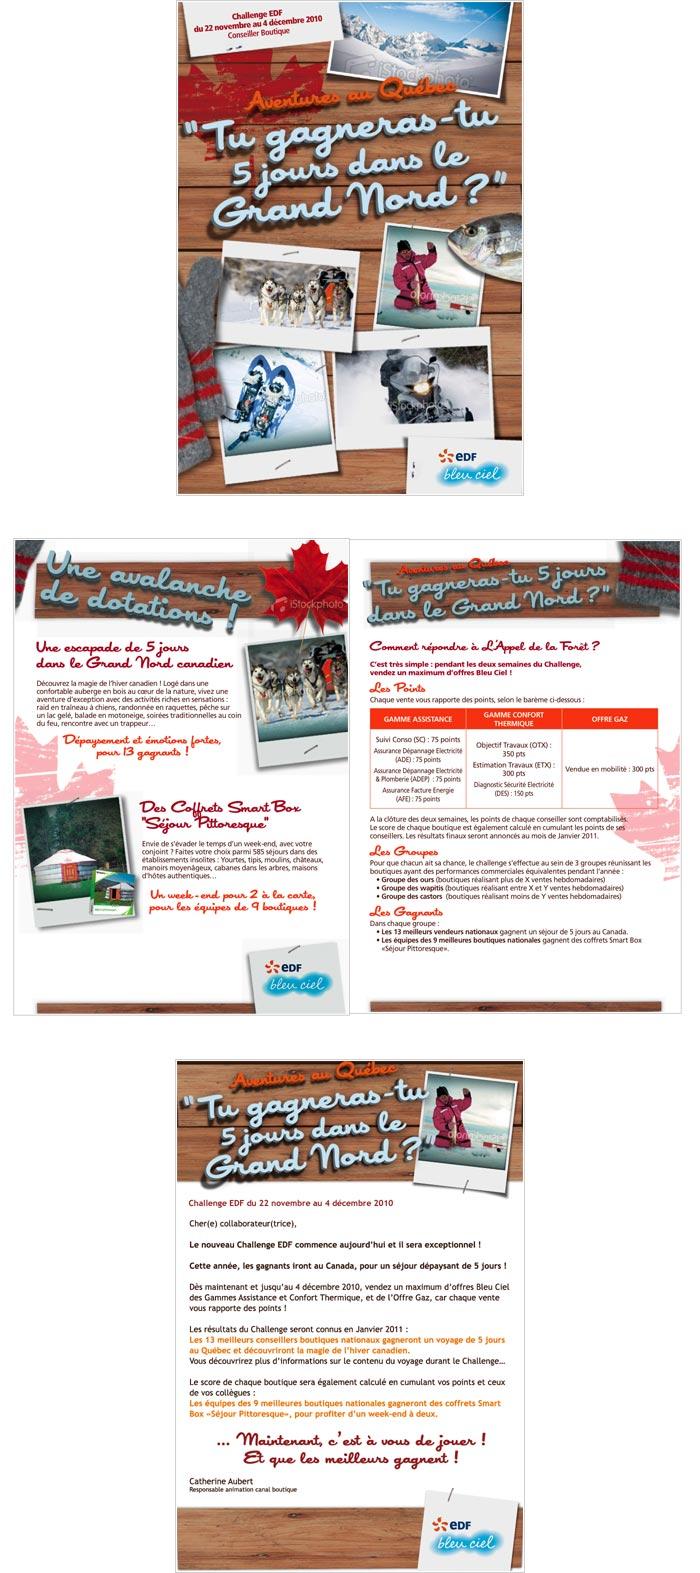 affiches, dépliants, e-mailings pour stimulation de la force de vente